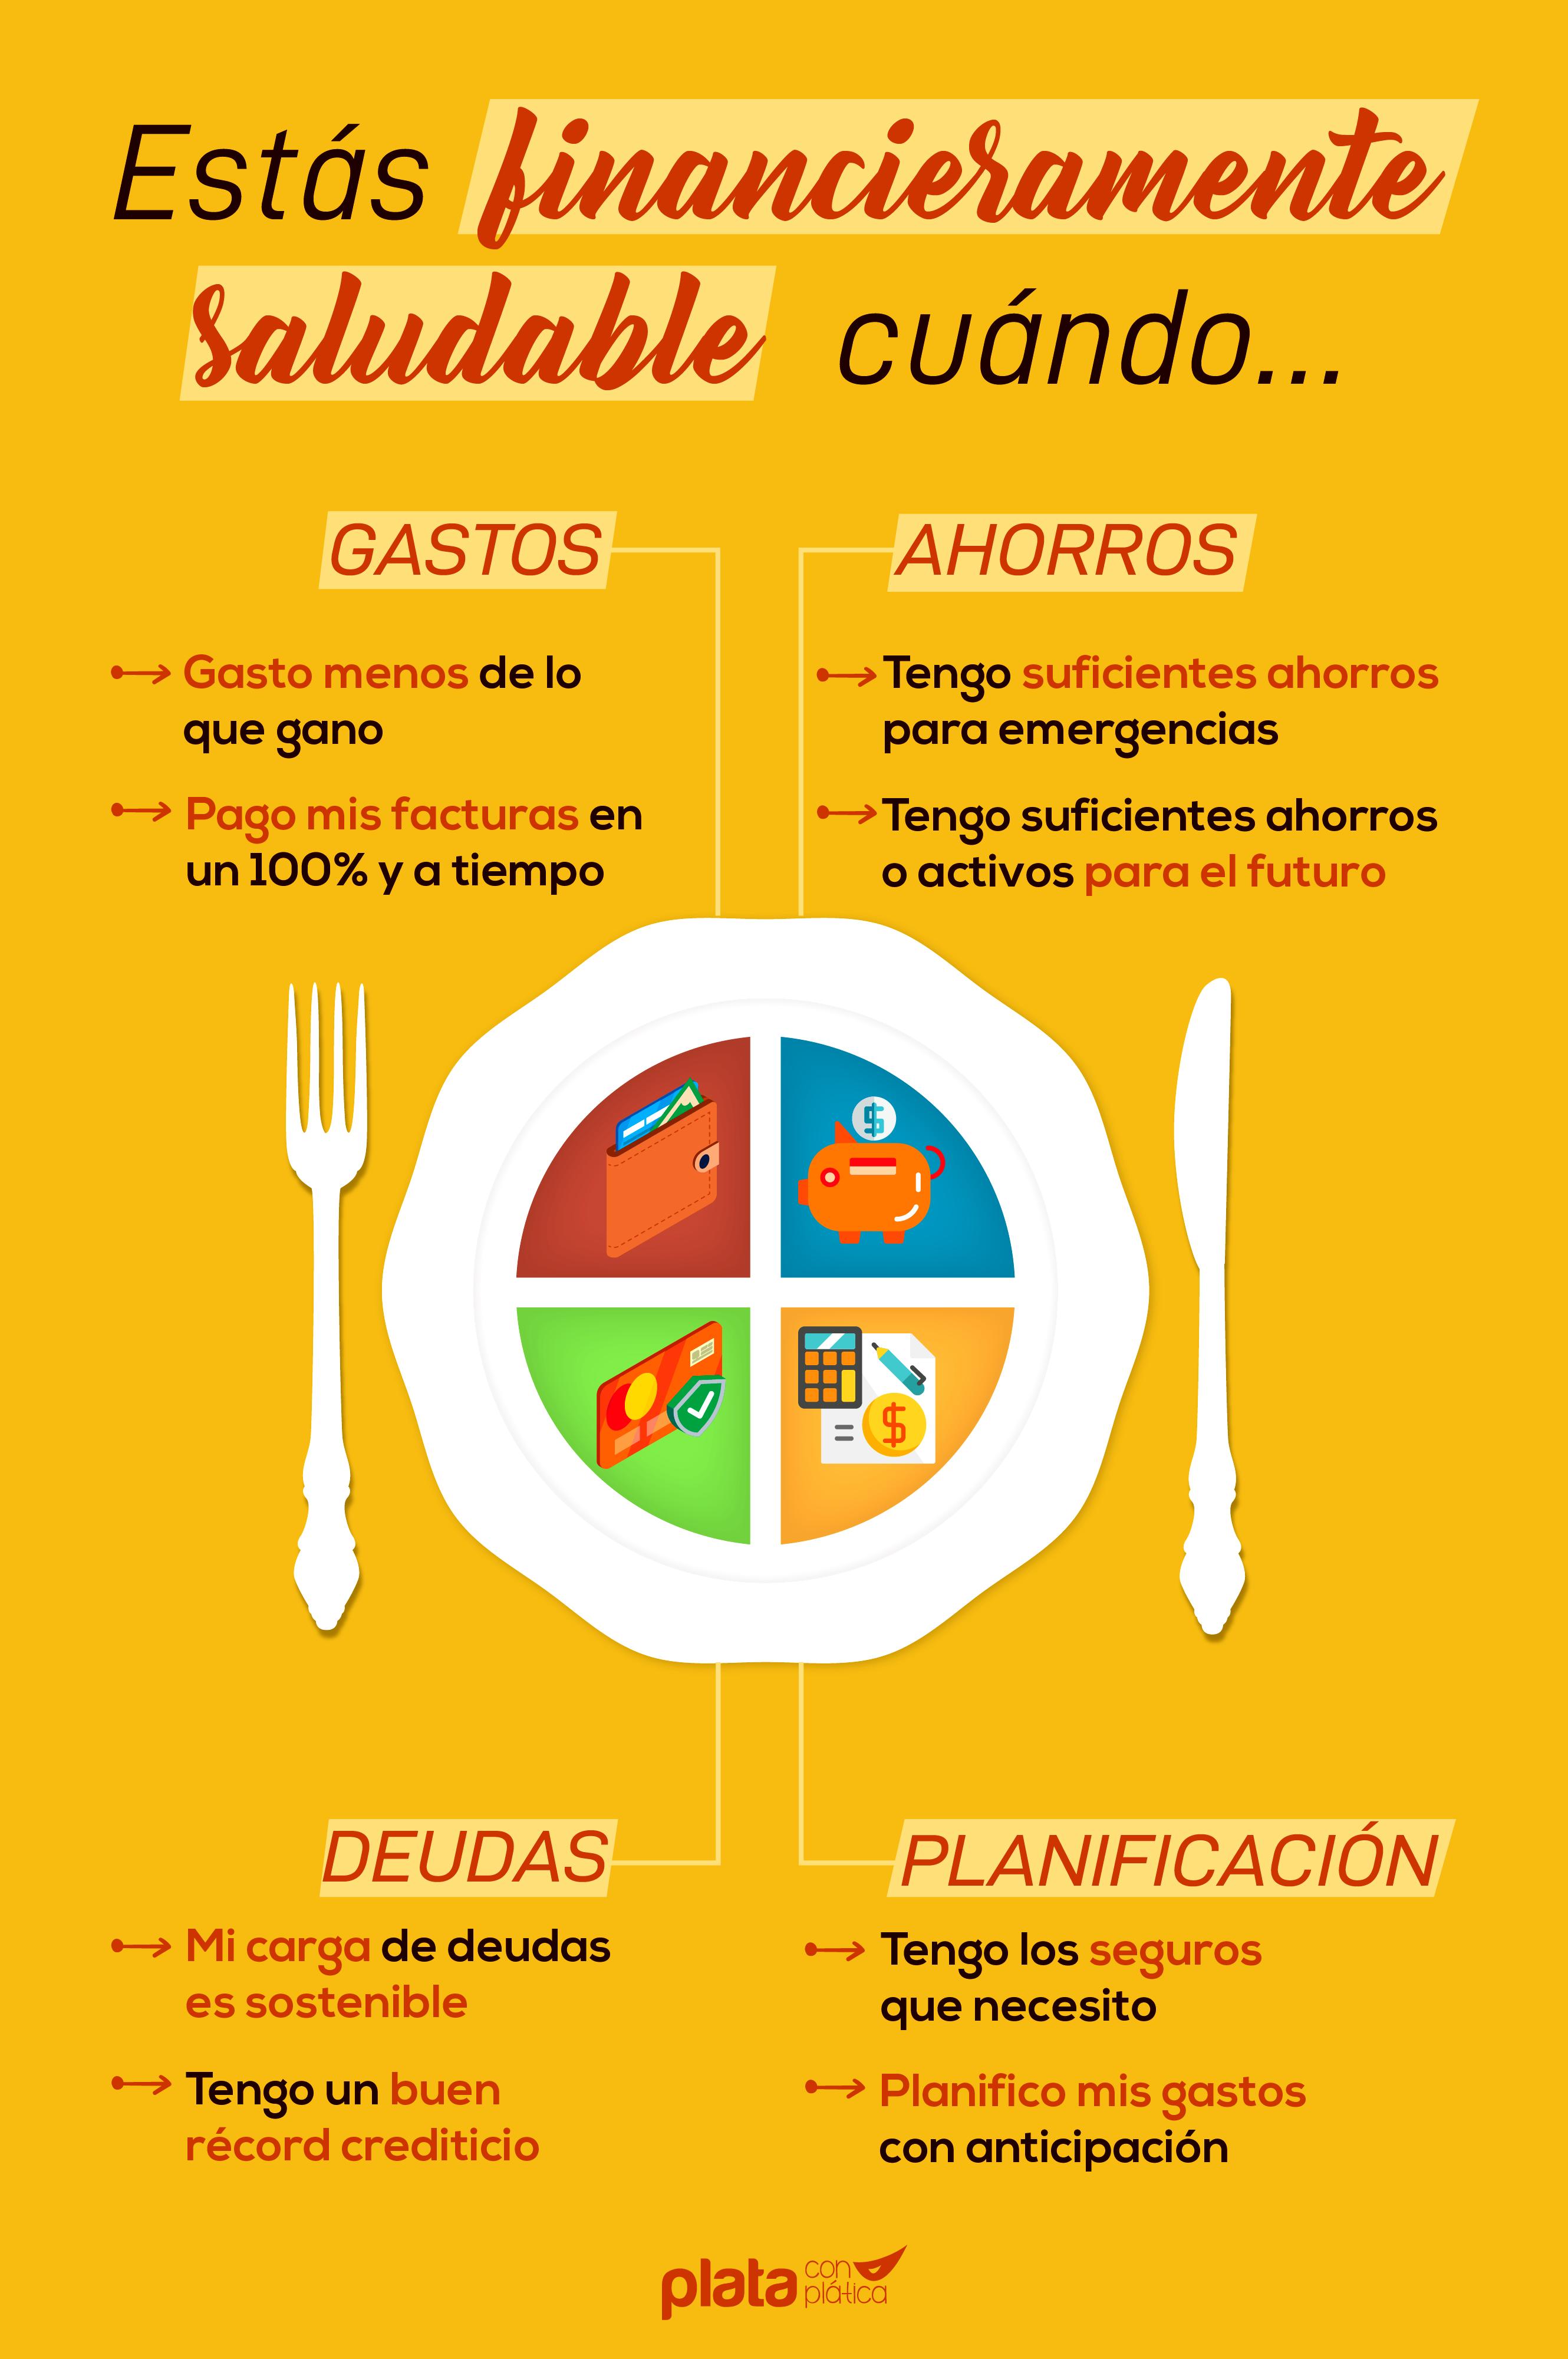 Infografía financieramente saludable 01 copy | Plata con Plática